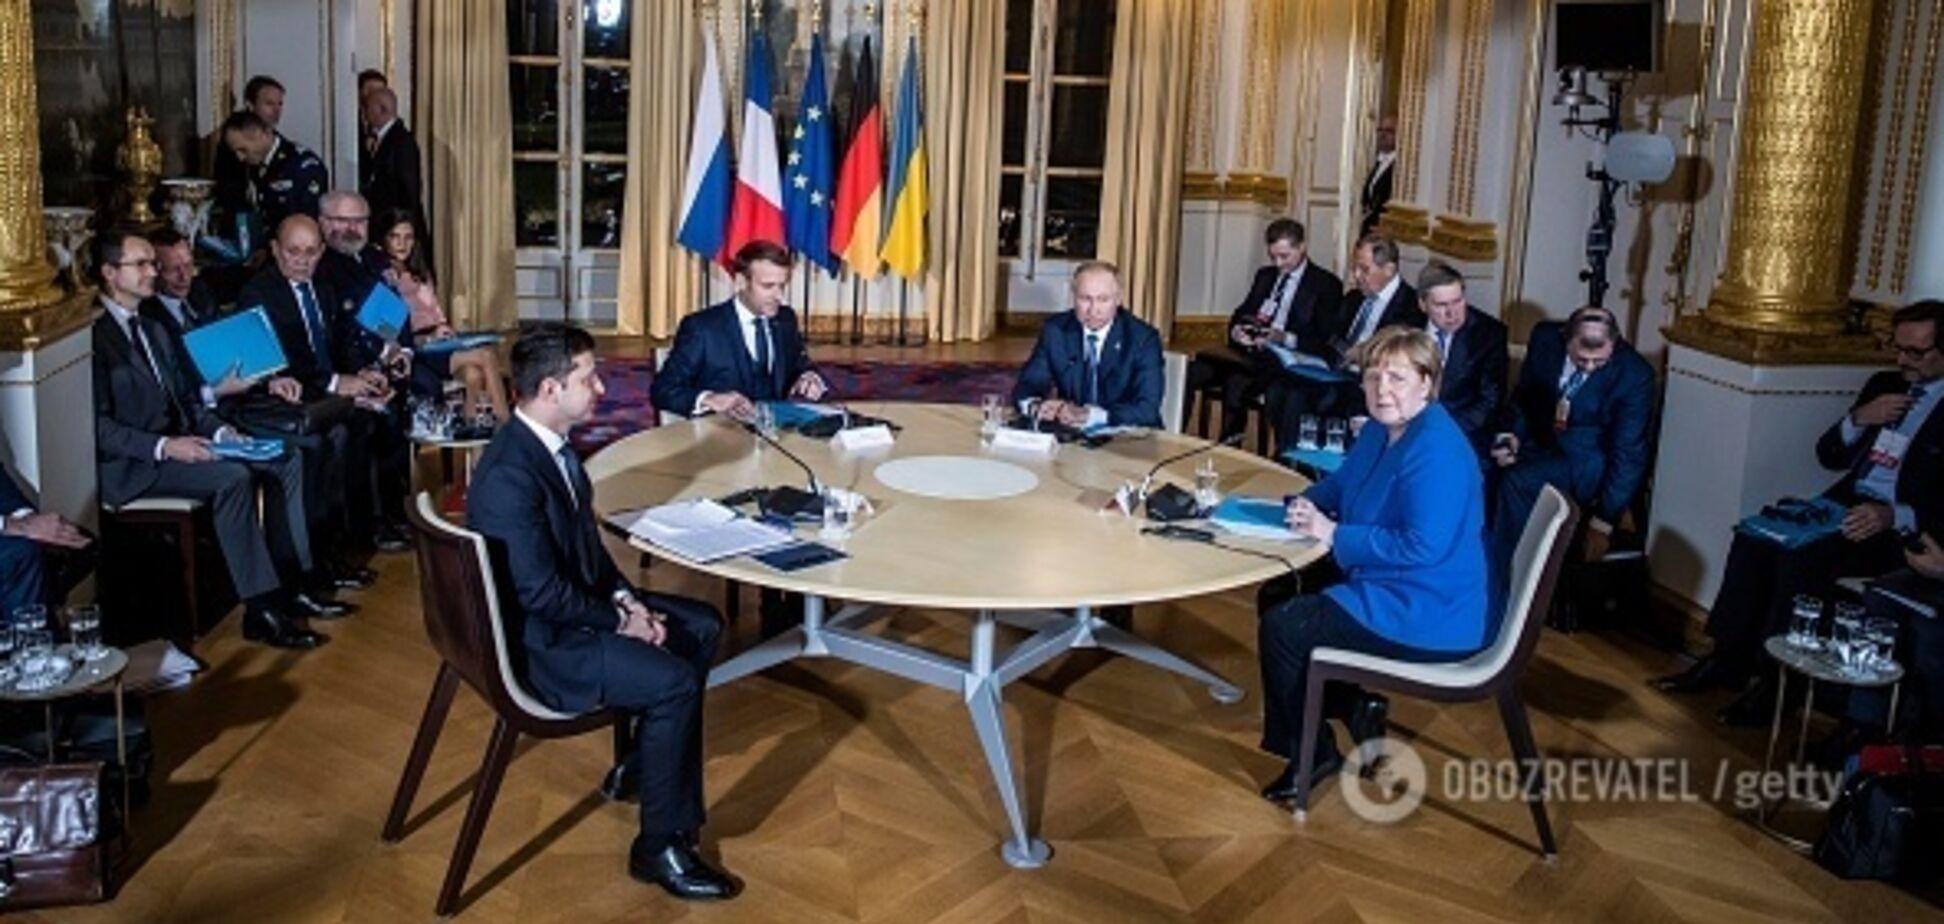 'Только Меркель с яйцами!' Фото лидеров нормандской четверки 'взорвало' сеть